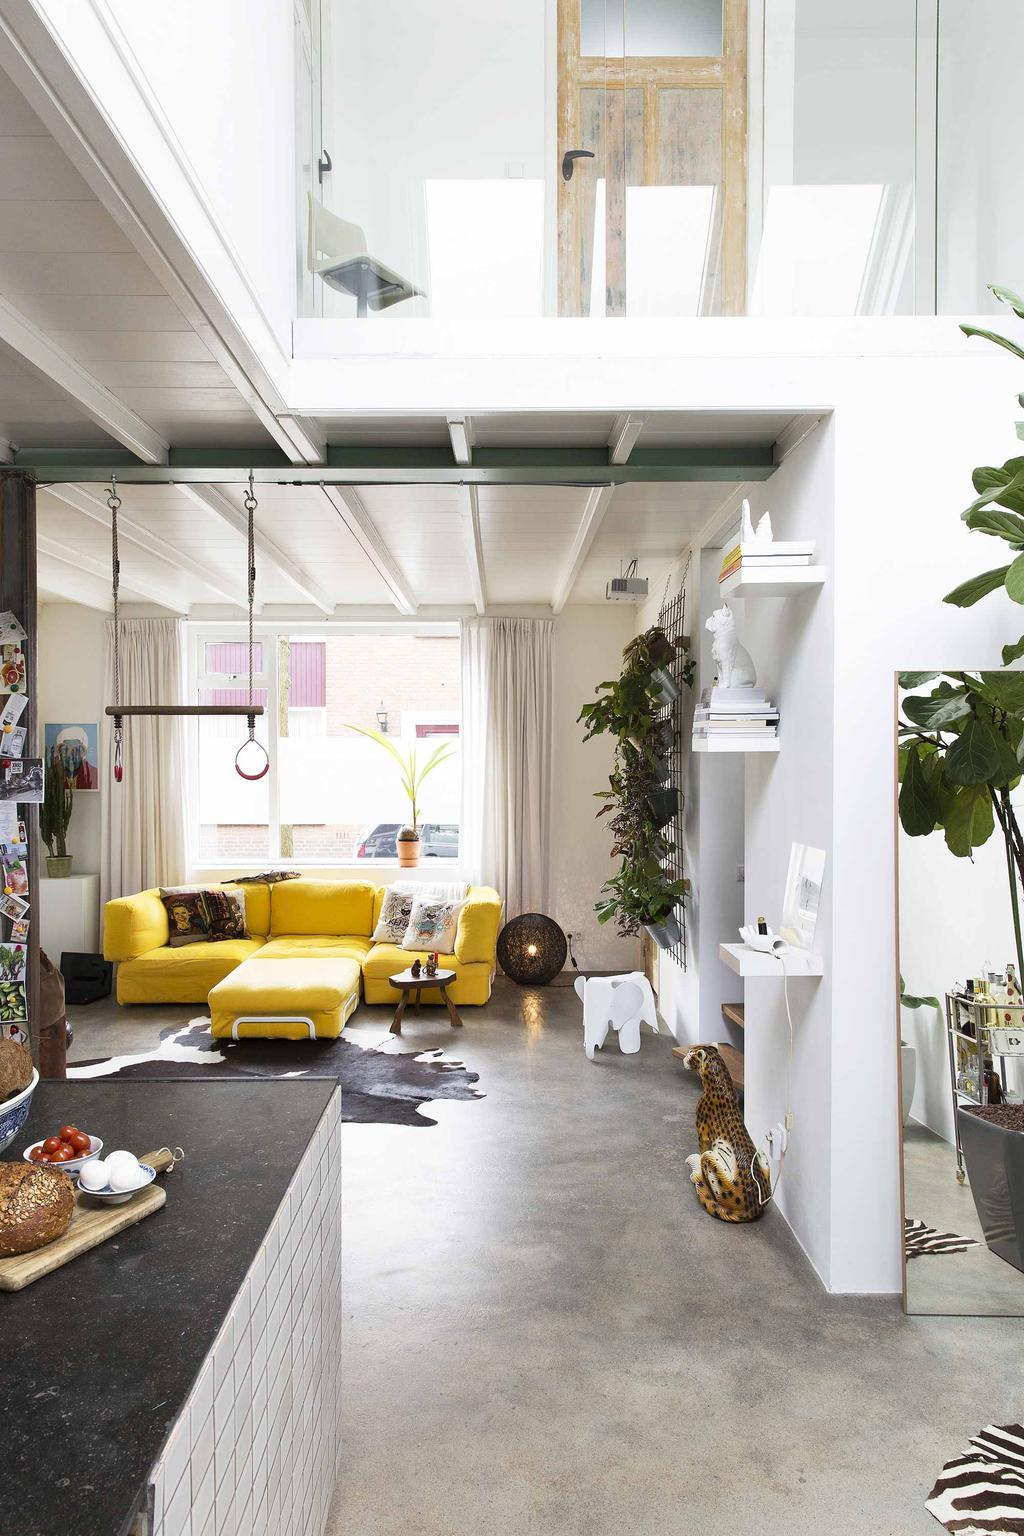 Gele bank in woonkamer